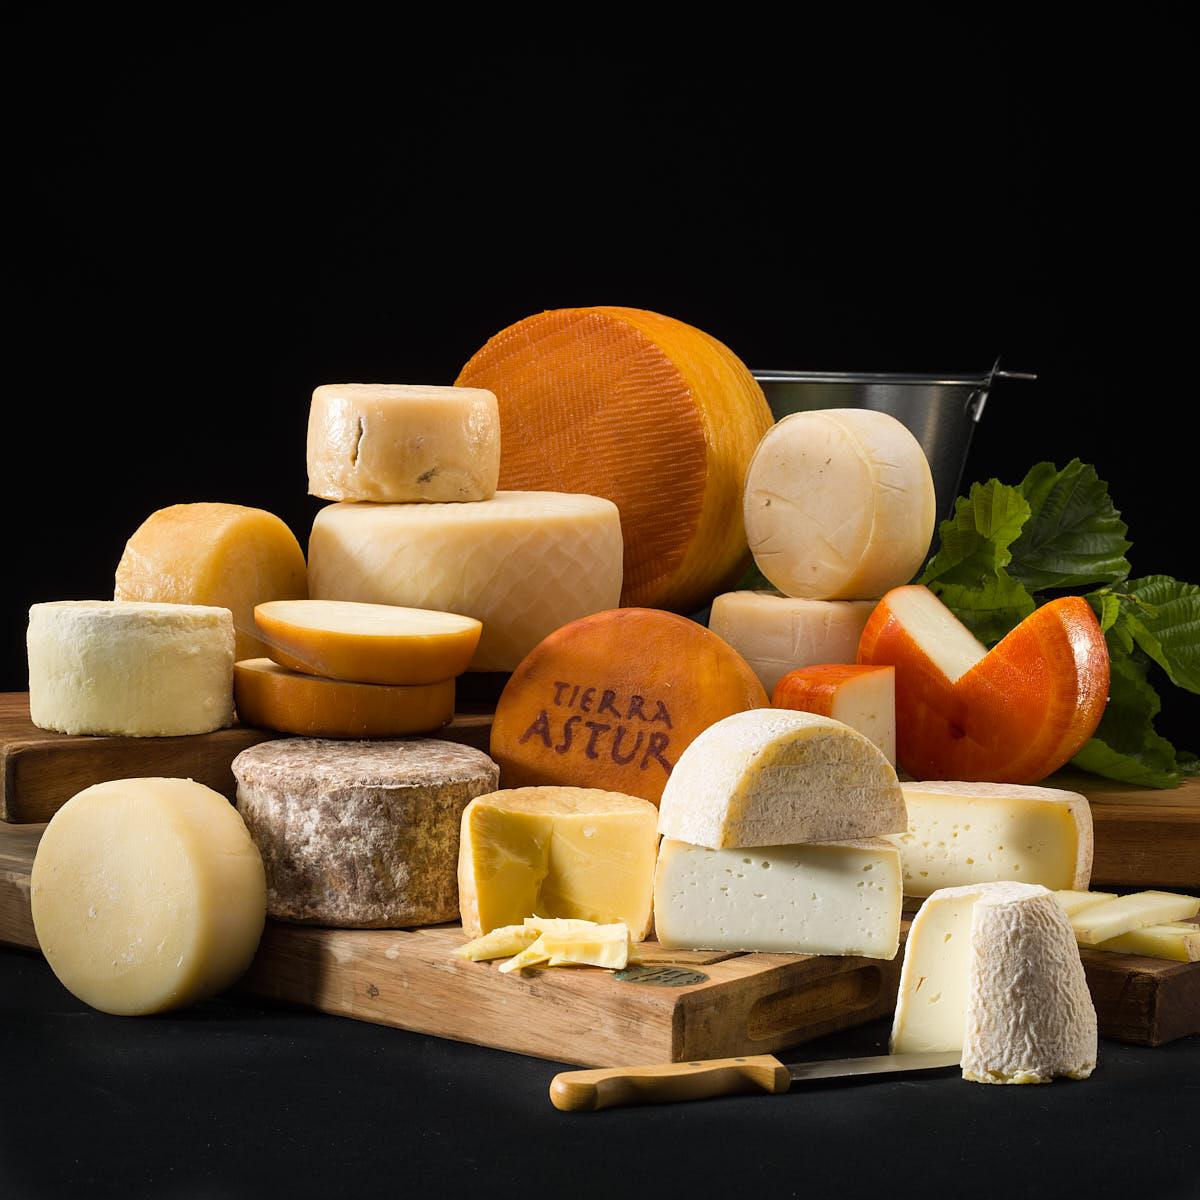 Bodegón quesos artesanos del Principado de Asturias